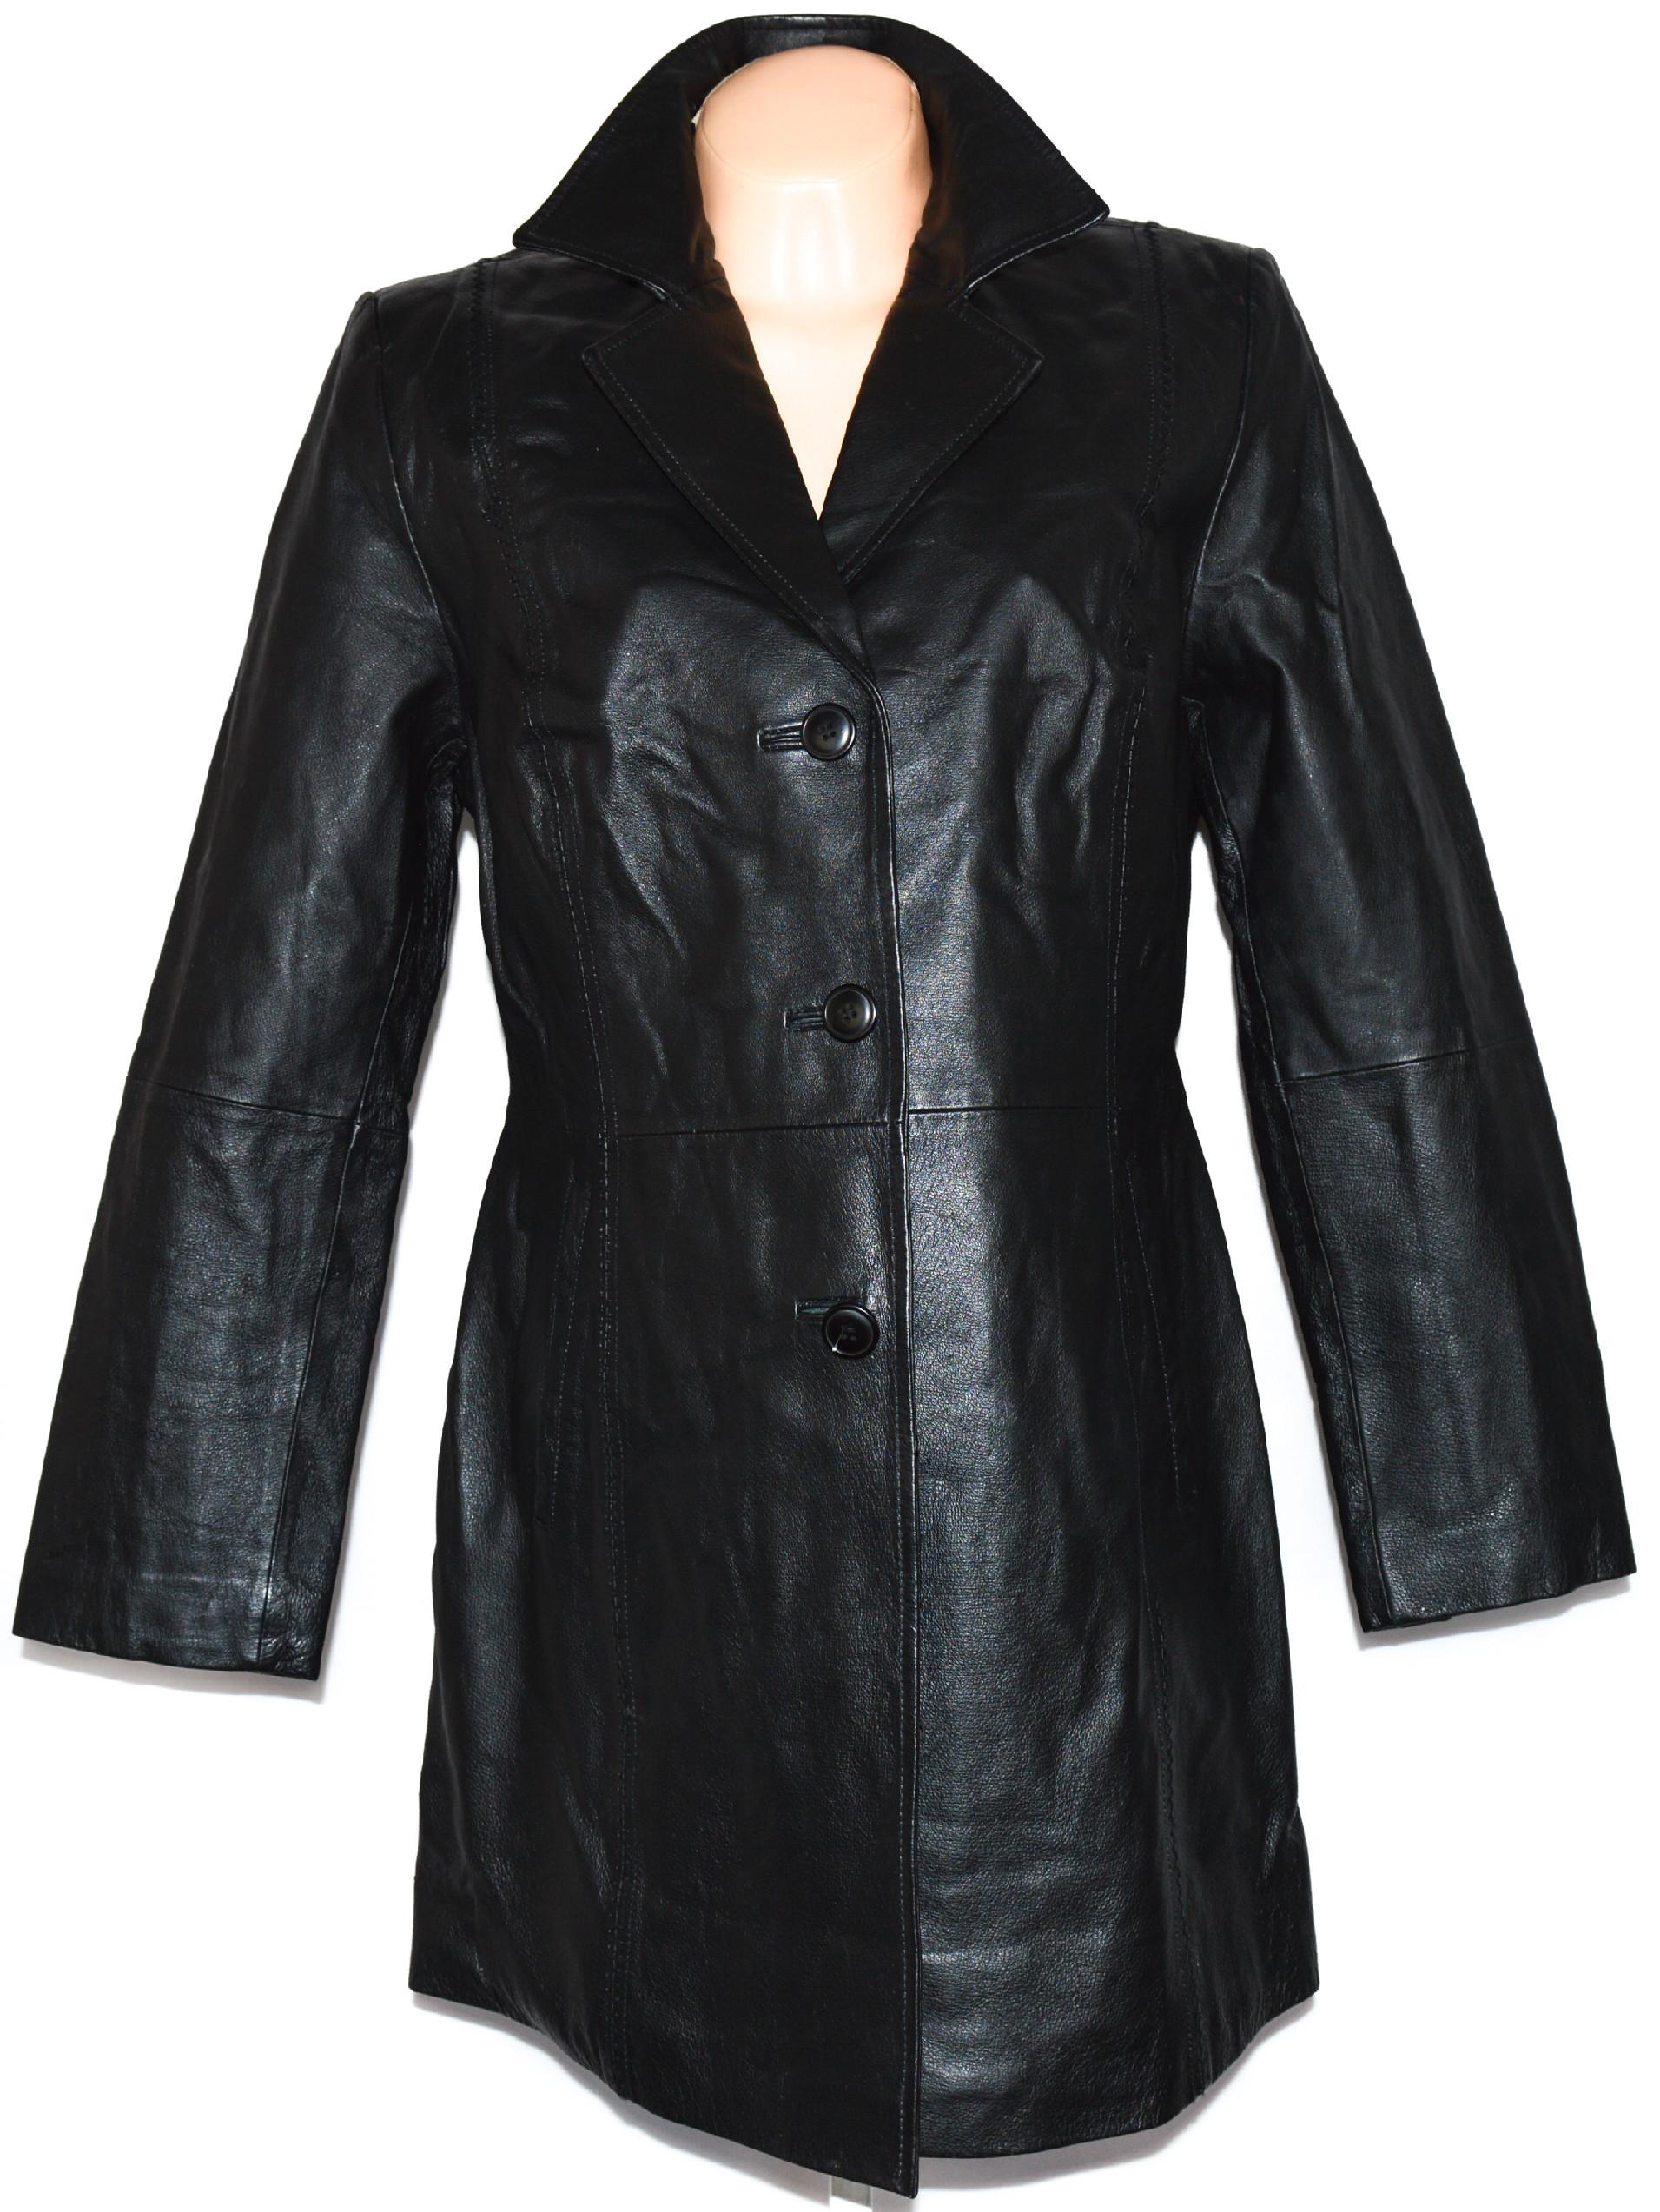 KOŽENÝ dámský černý kabát Laura Scott XL